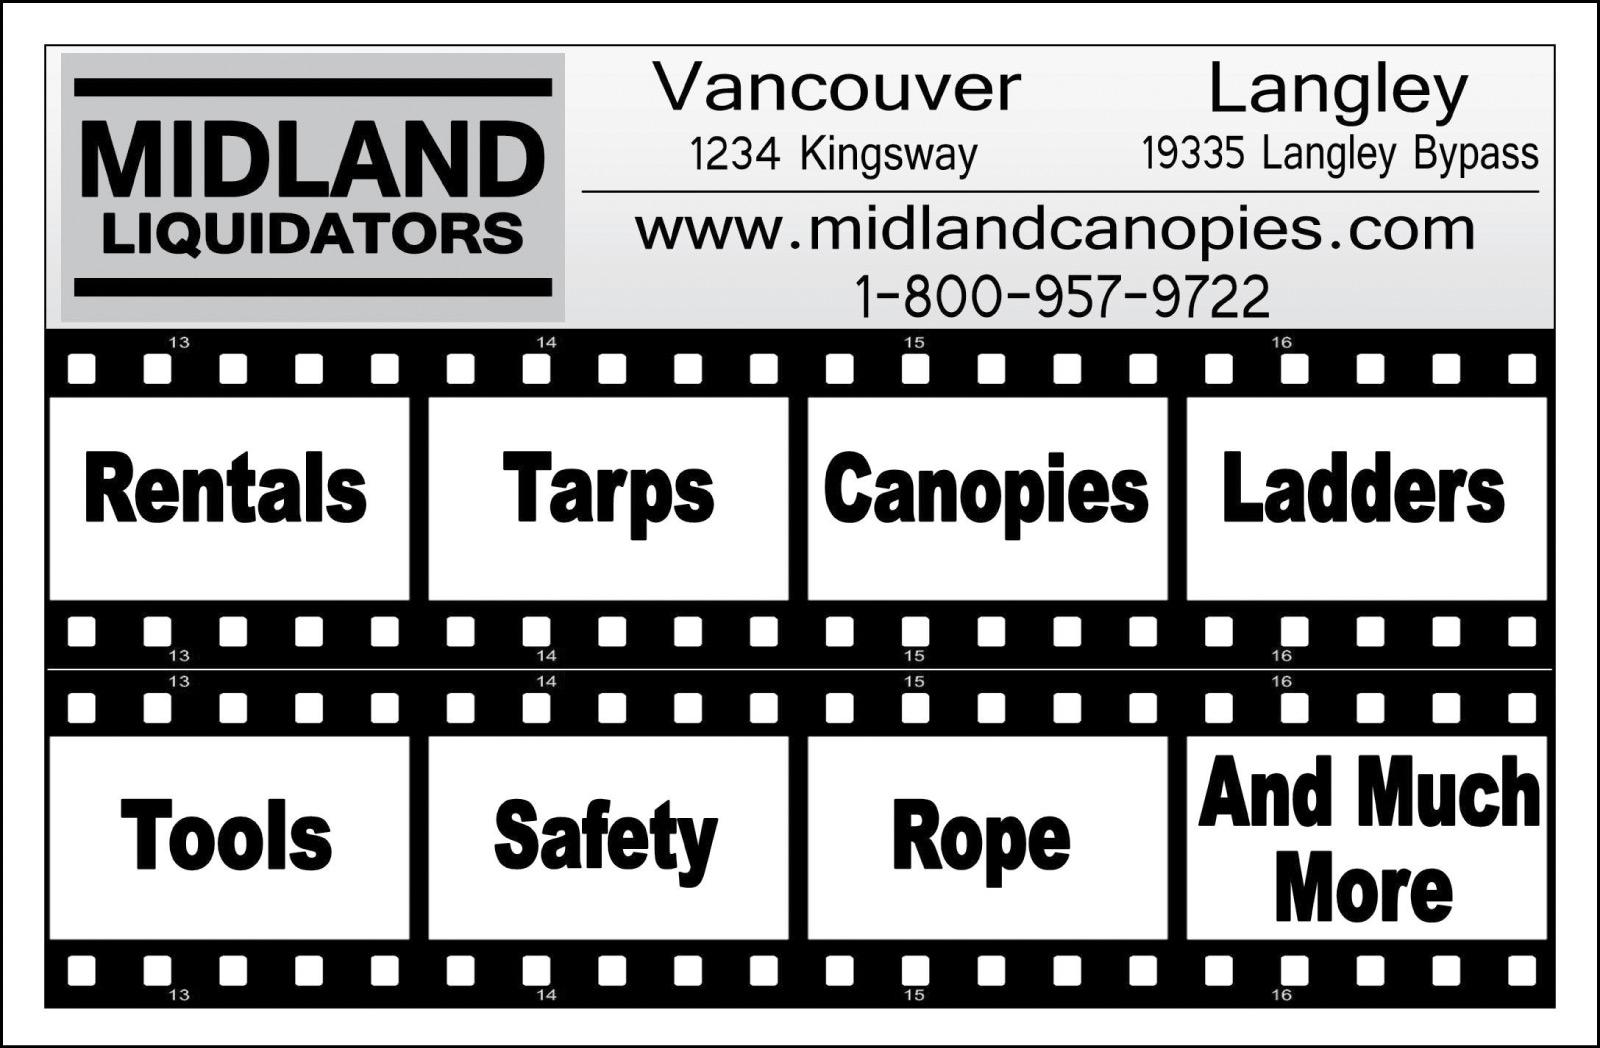 Midland Liquidators